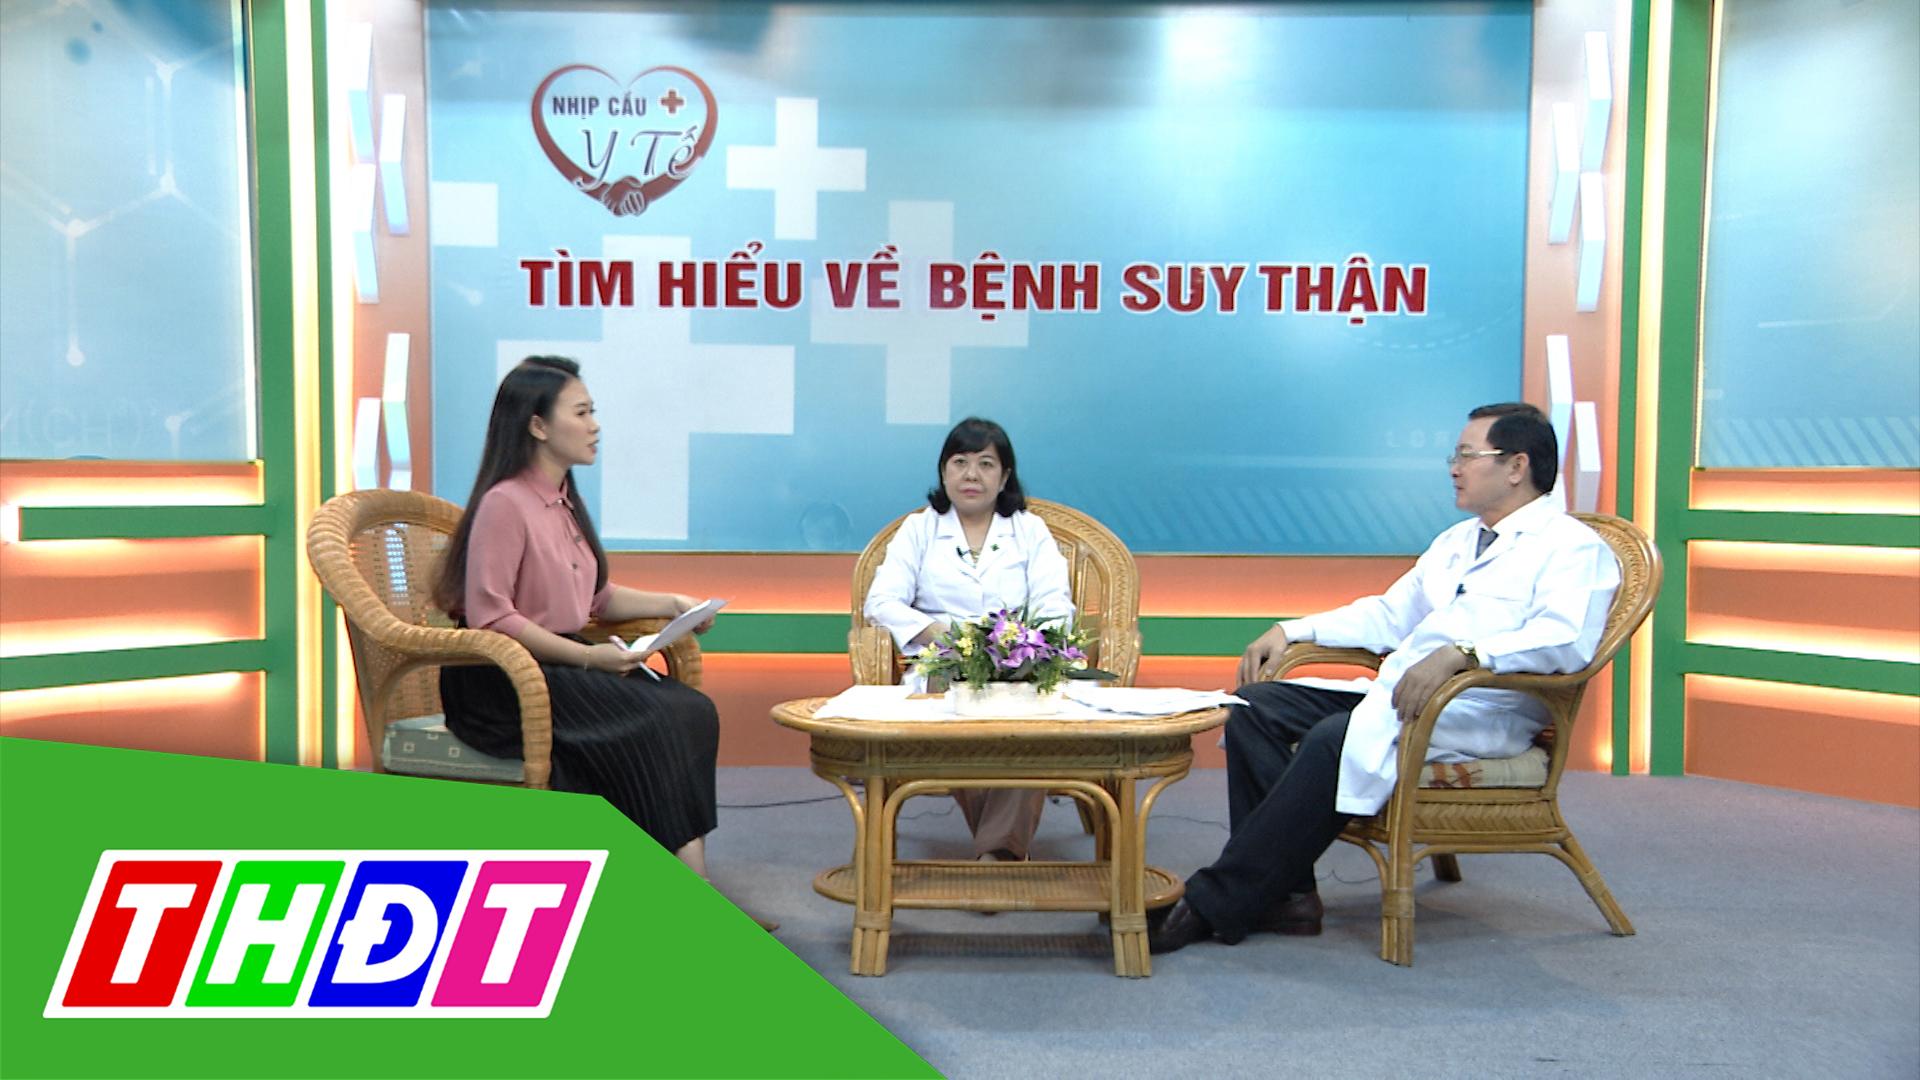 Nhịp cầu y tế - 14/10/2020 - Chăm sóc mắt, phòng chống mù lòa